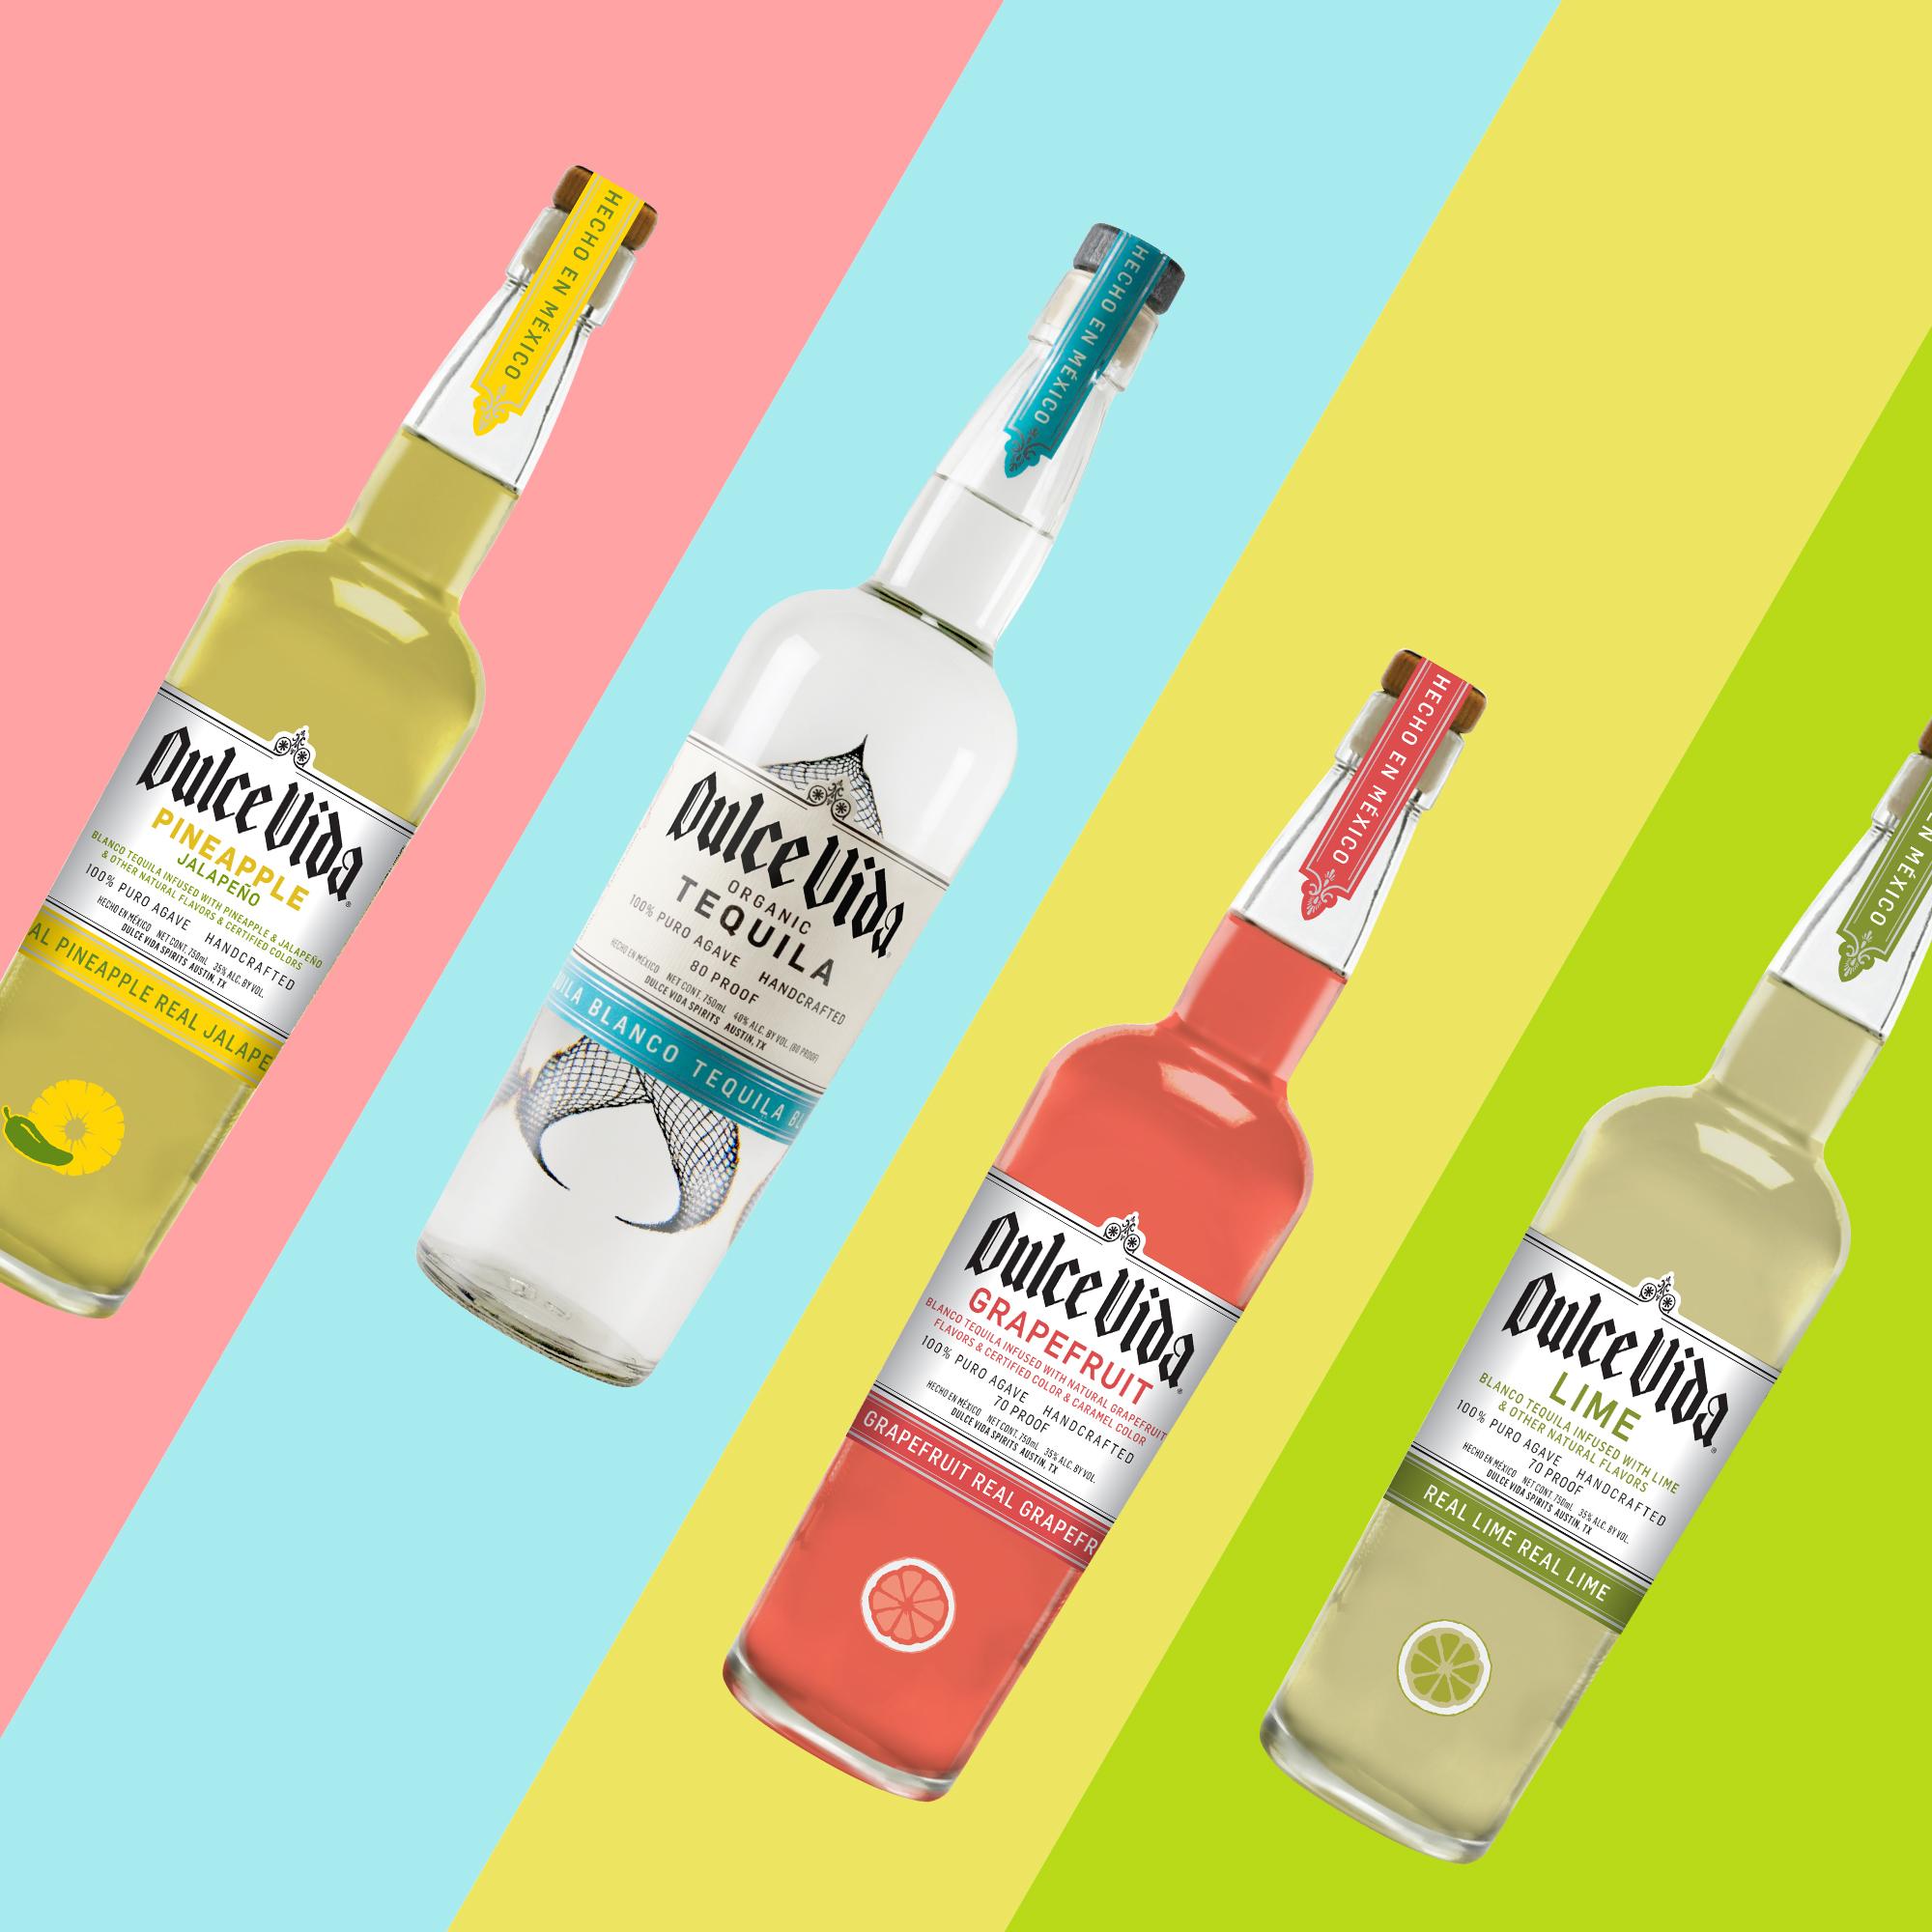 PopSugar_bottles_Stripes_drink_slingers_event_bartenders.jpg